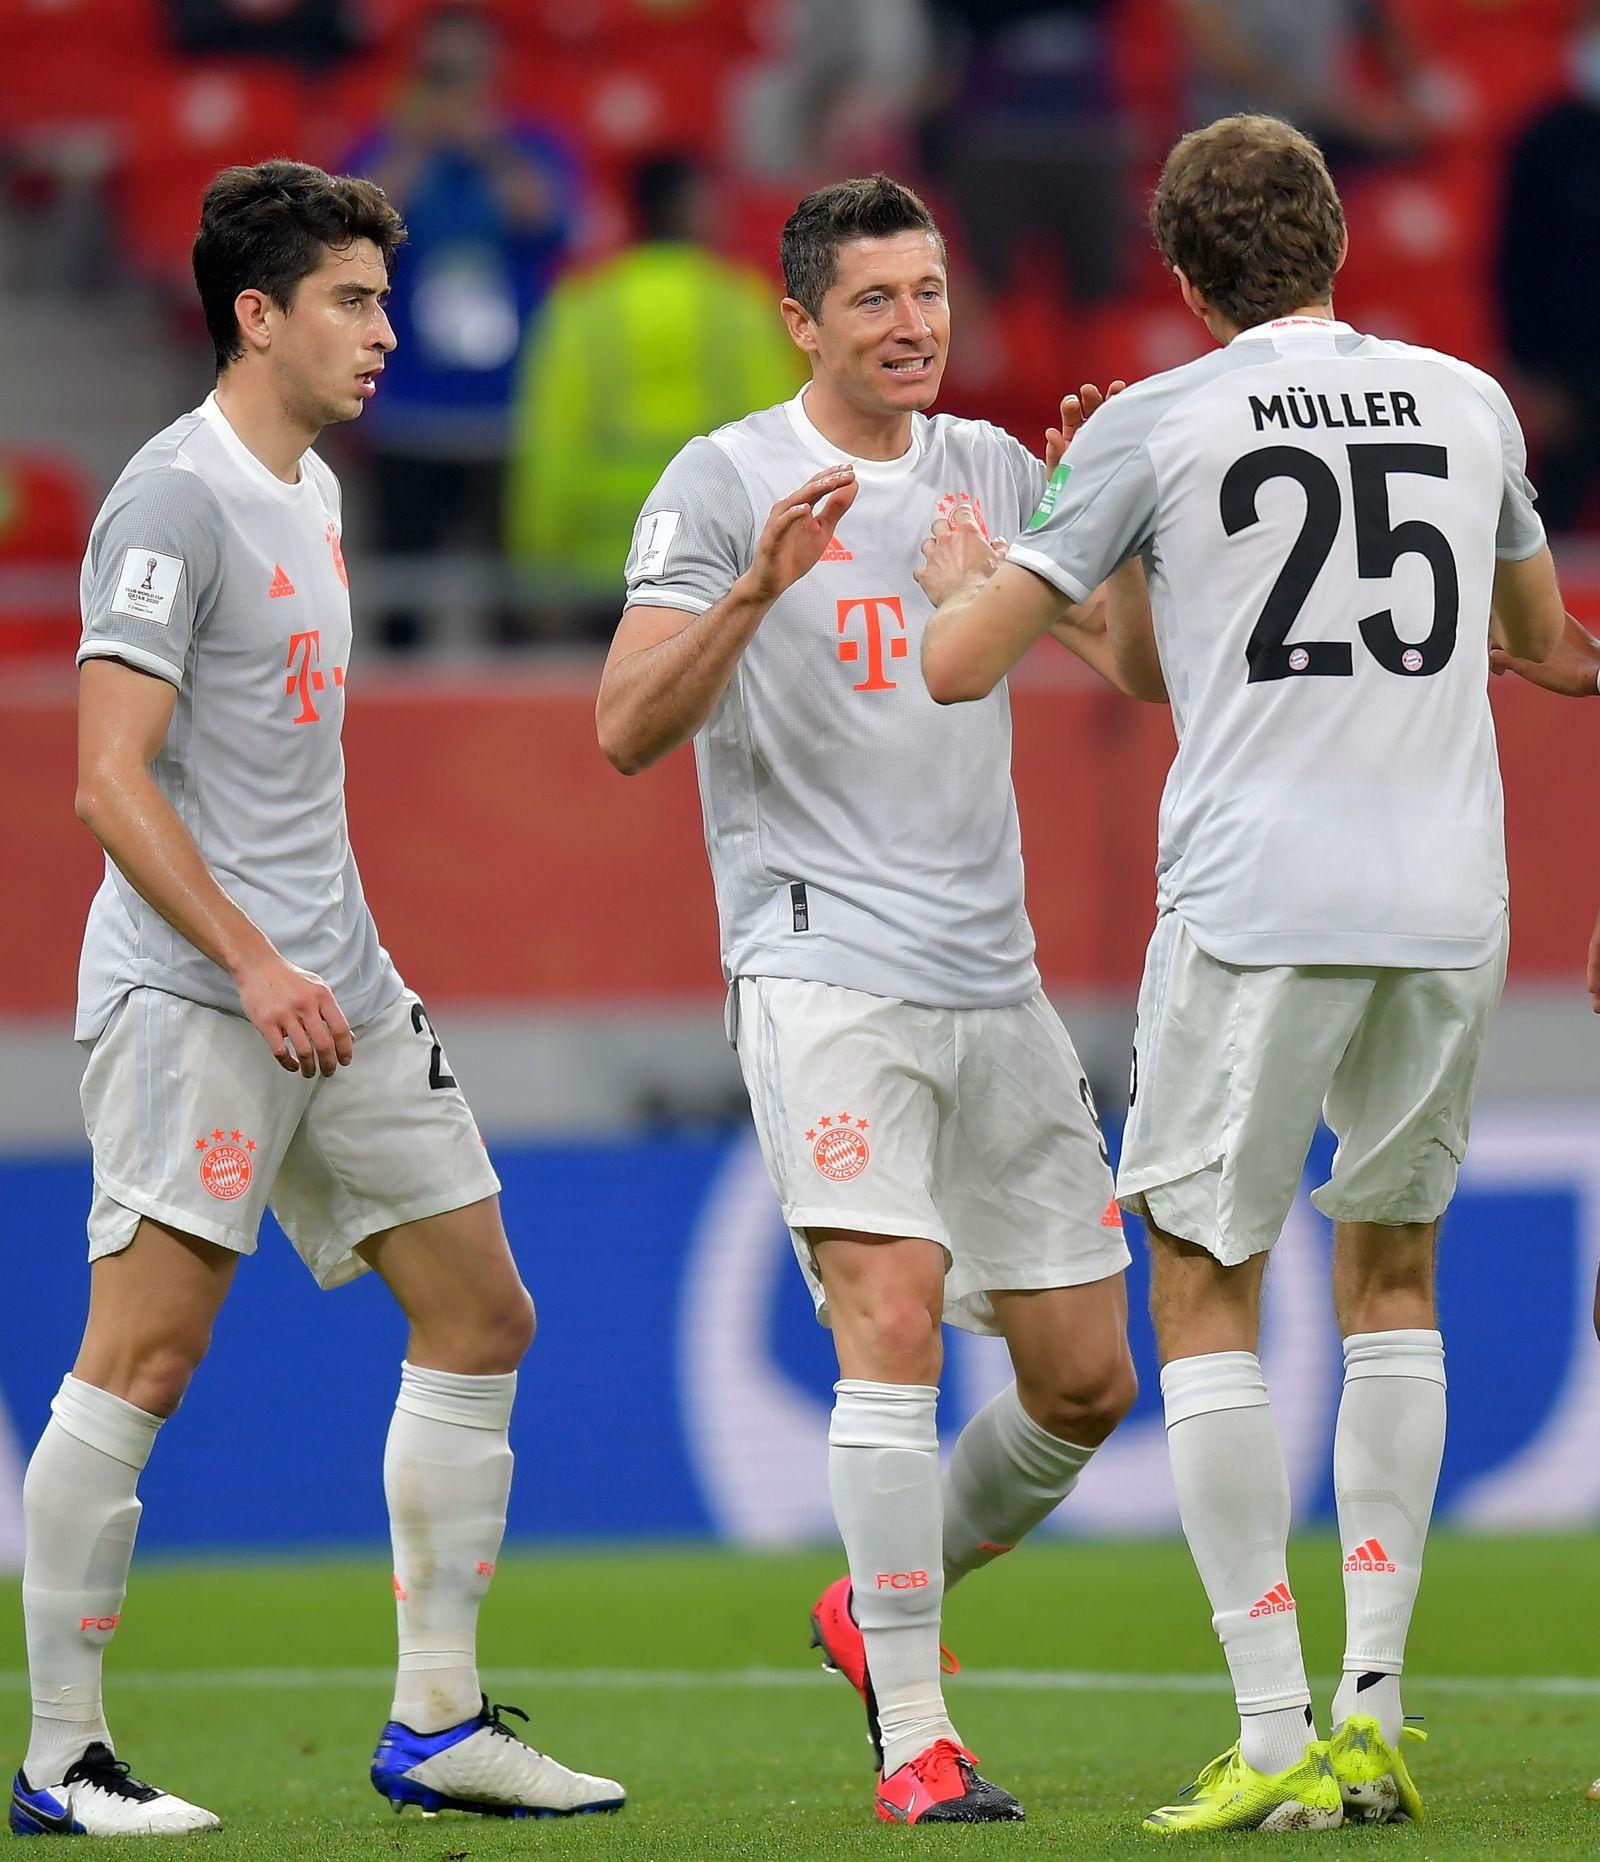 FIFA Club World Cup - Al Ahly SC vs Bayern Munich, Al Rayyan, Qatar - 08 Feb 2021